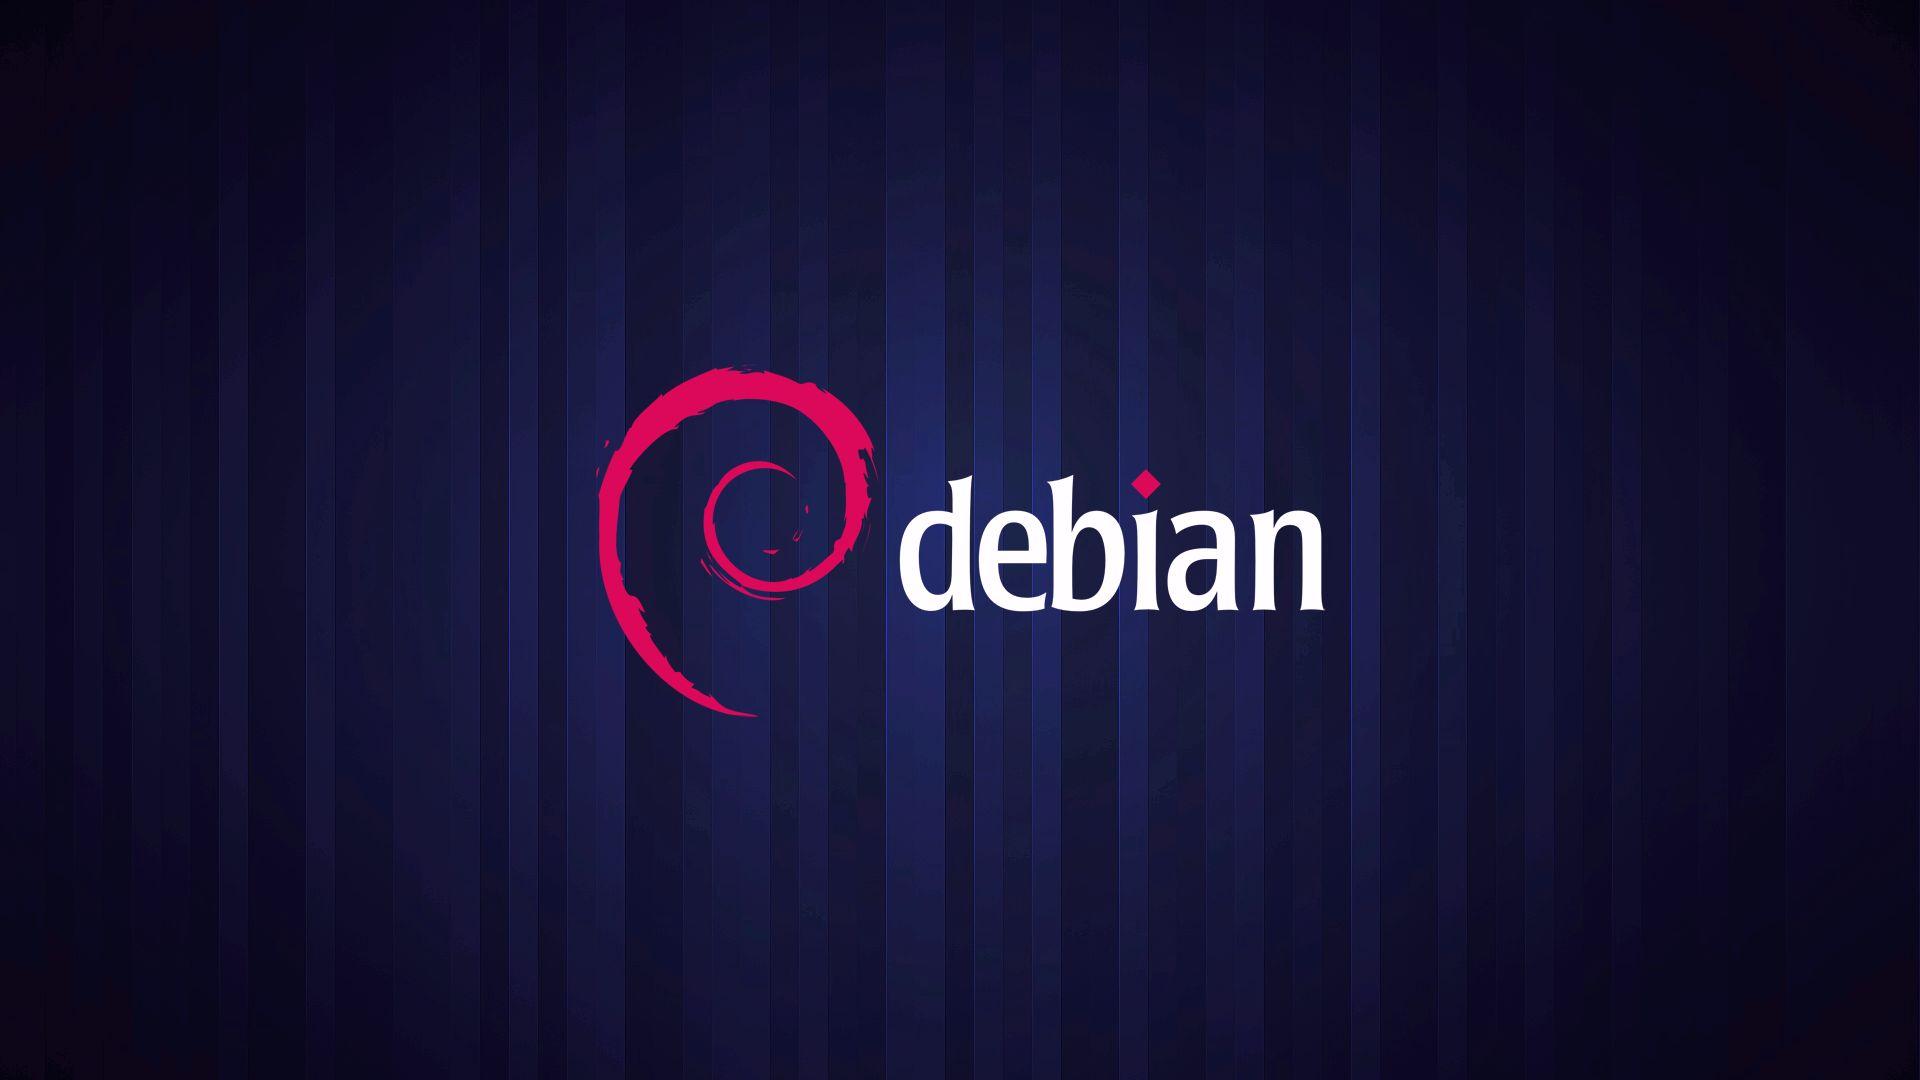 Debian Logo with Pattern Background Wallpaper   Wallpaper Stream 1920x1080